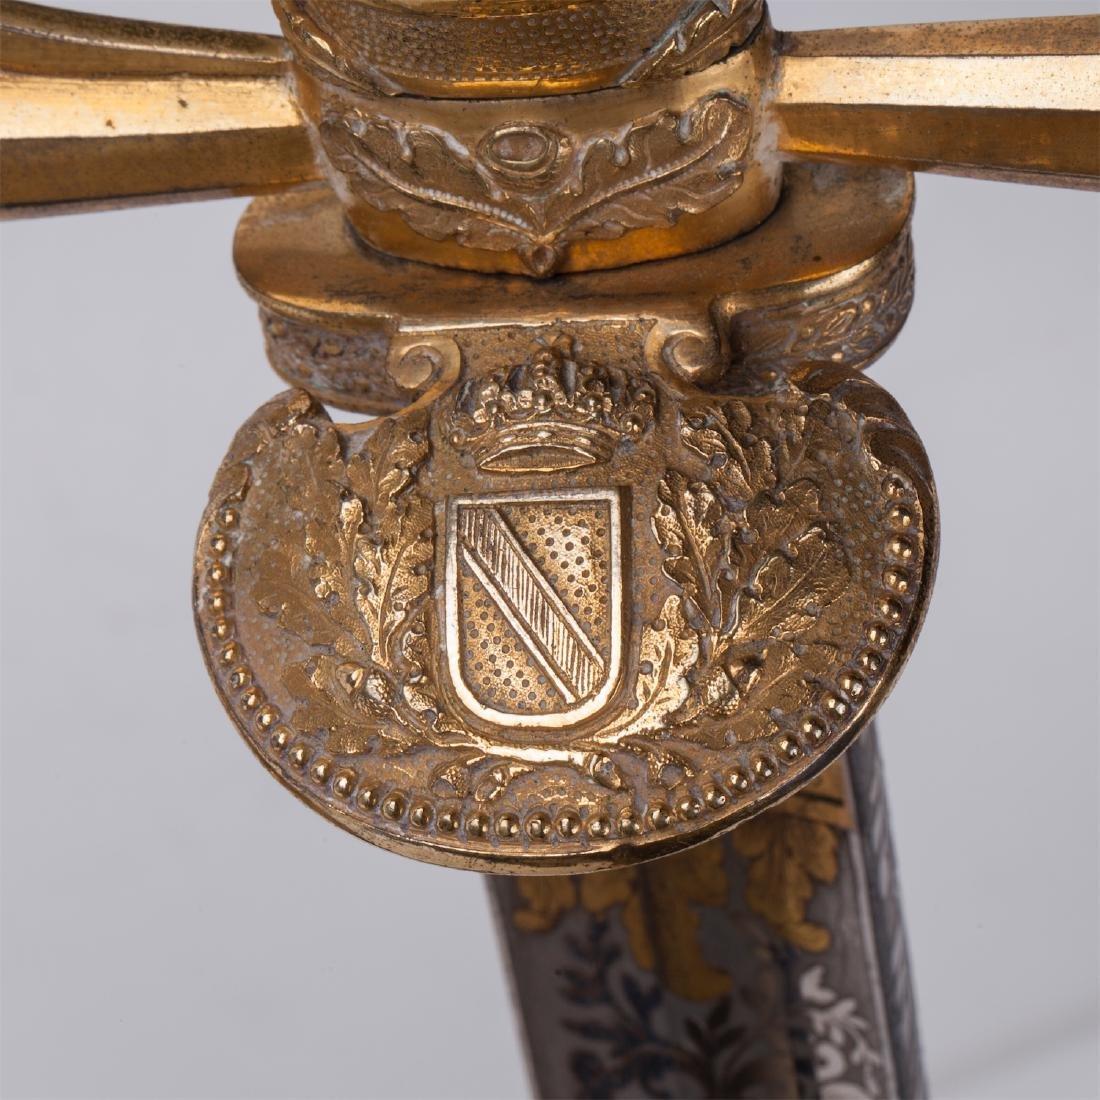 Hunting dagger with Grand Duke of Baden monogram - 9